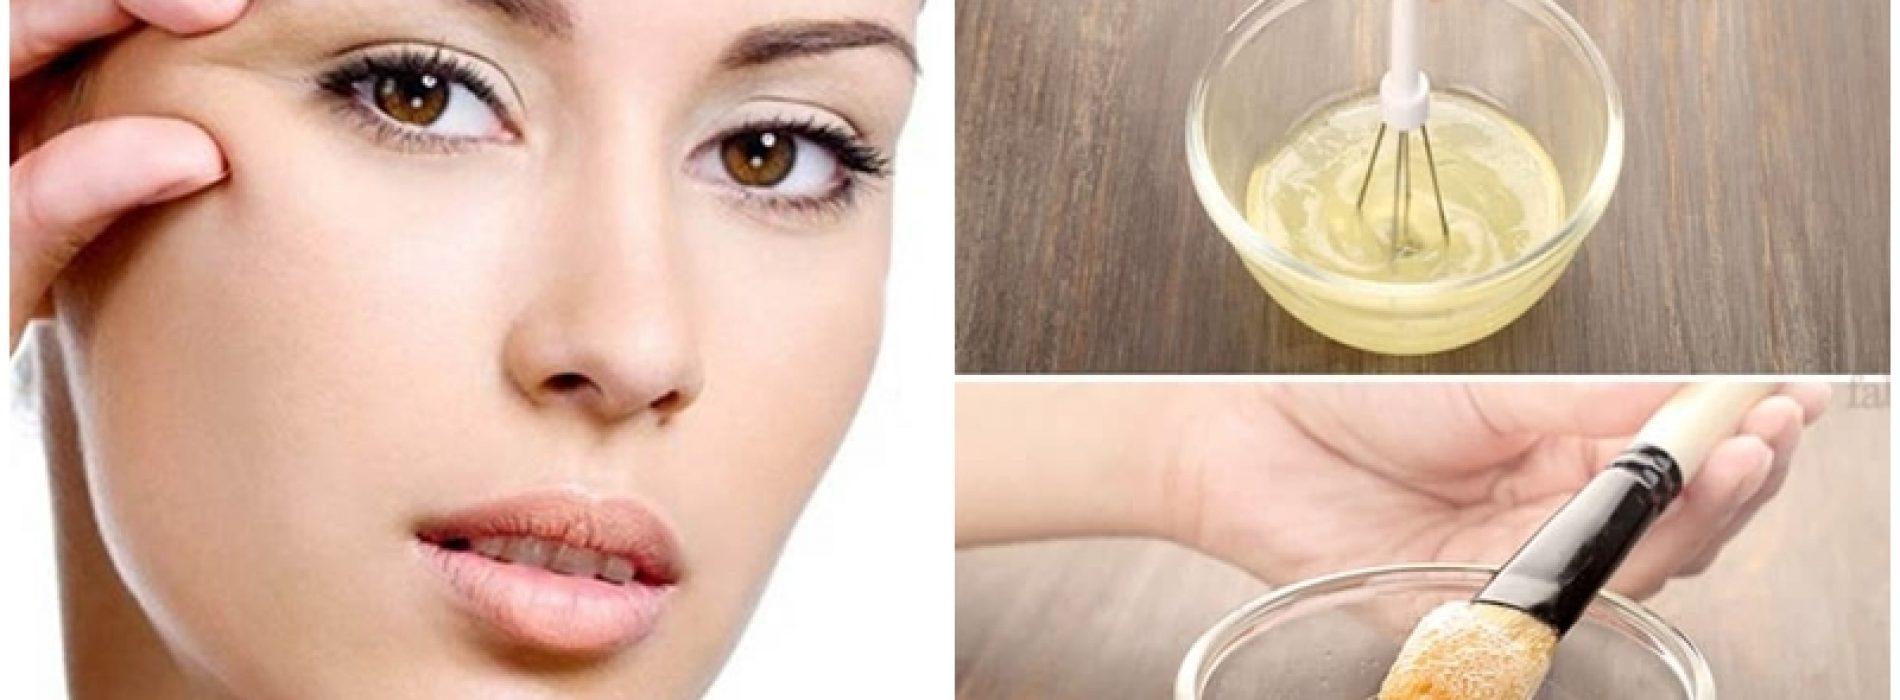 Hoe rimpels te elimineren en de huid te verstevigen met ei